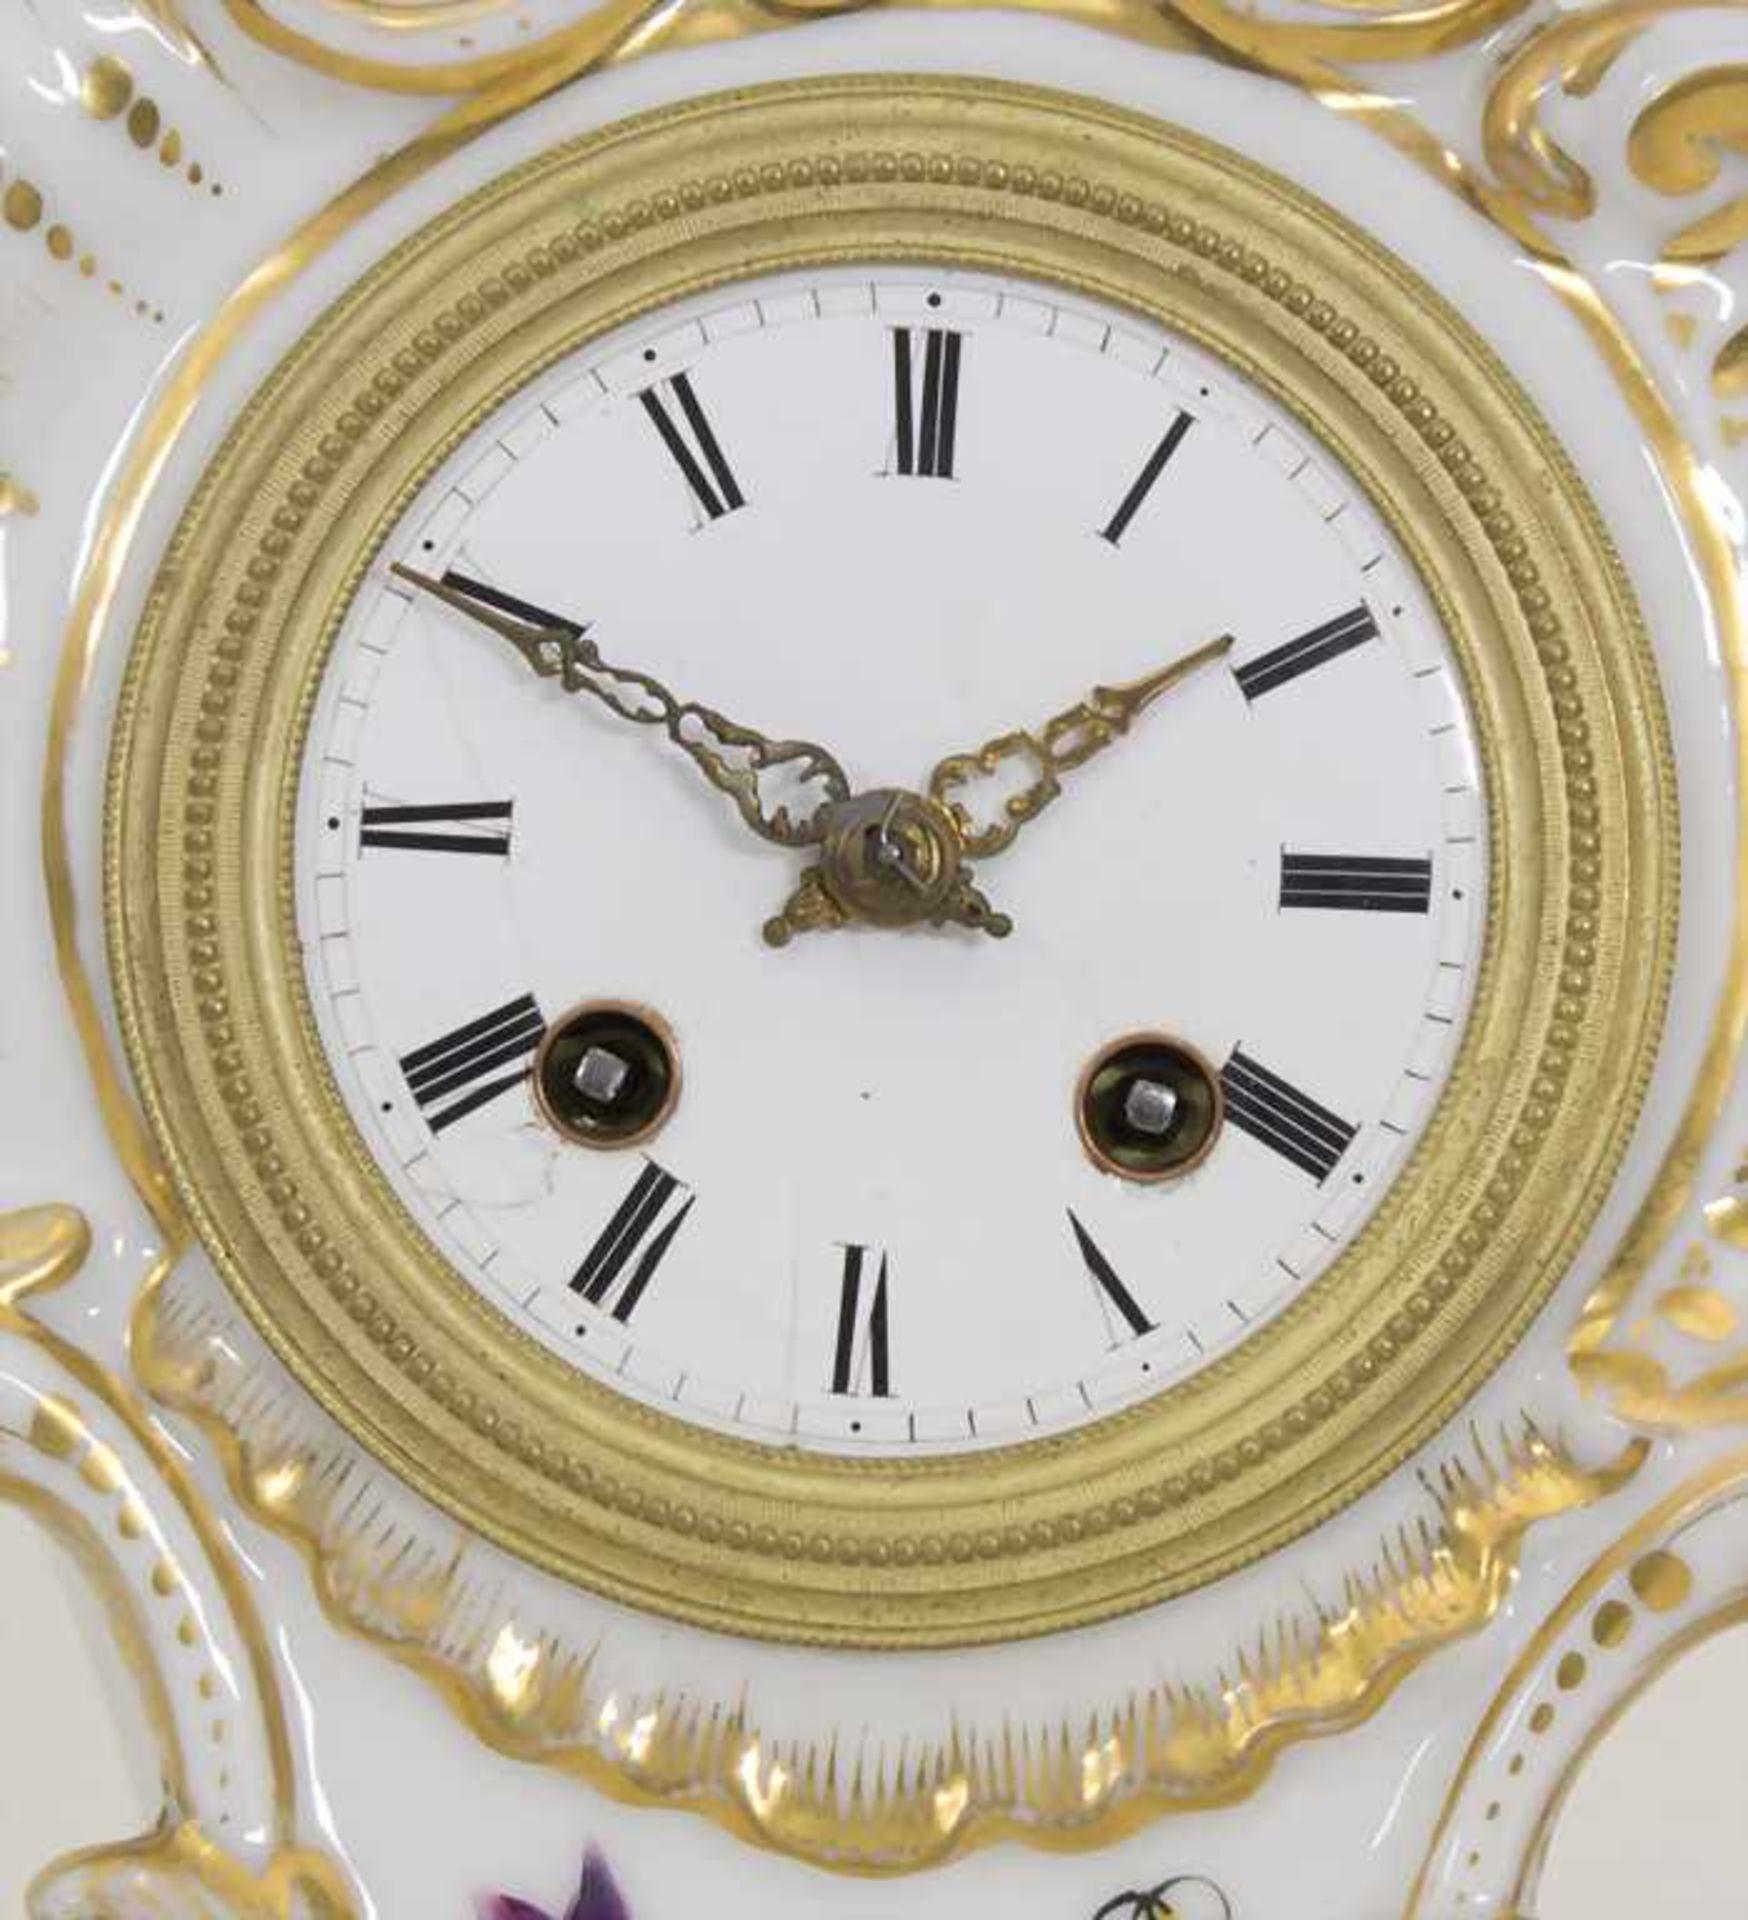 Biedermeier Kaminuhr / A Biedermeier mantel clock, Frankreich, 19. Jh. - Bild 2 aus 9